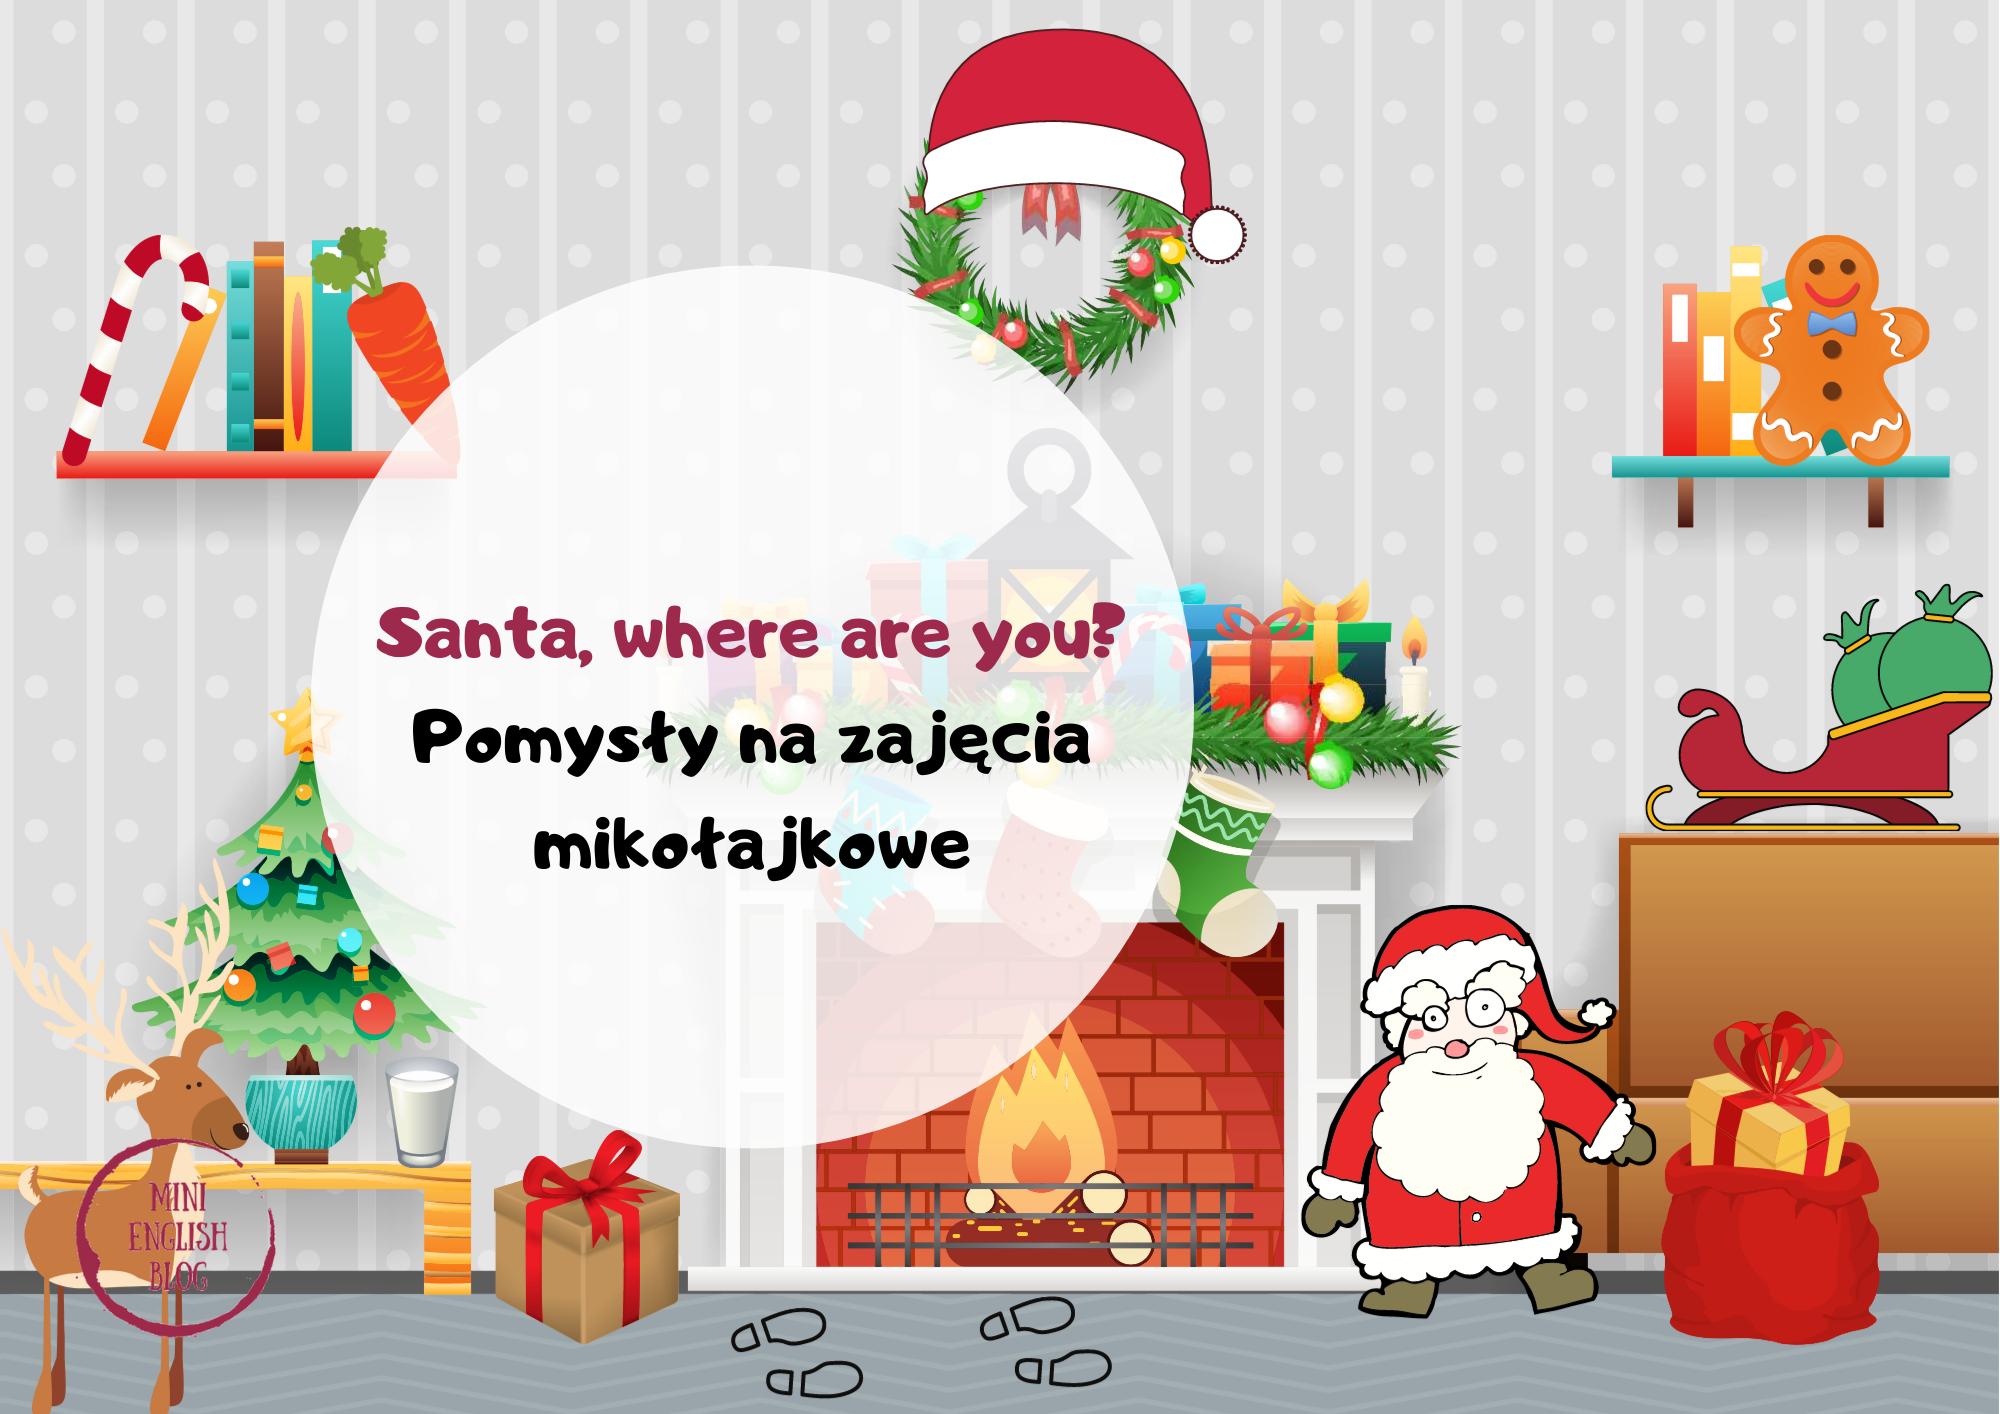 Santa, where are you? Pomysły na mikołajkowe zajęcia dla dzieci online